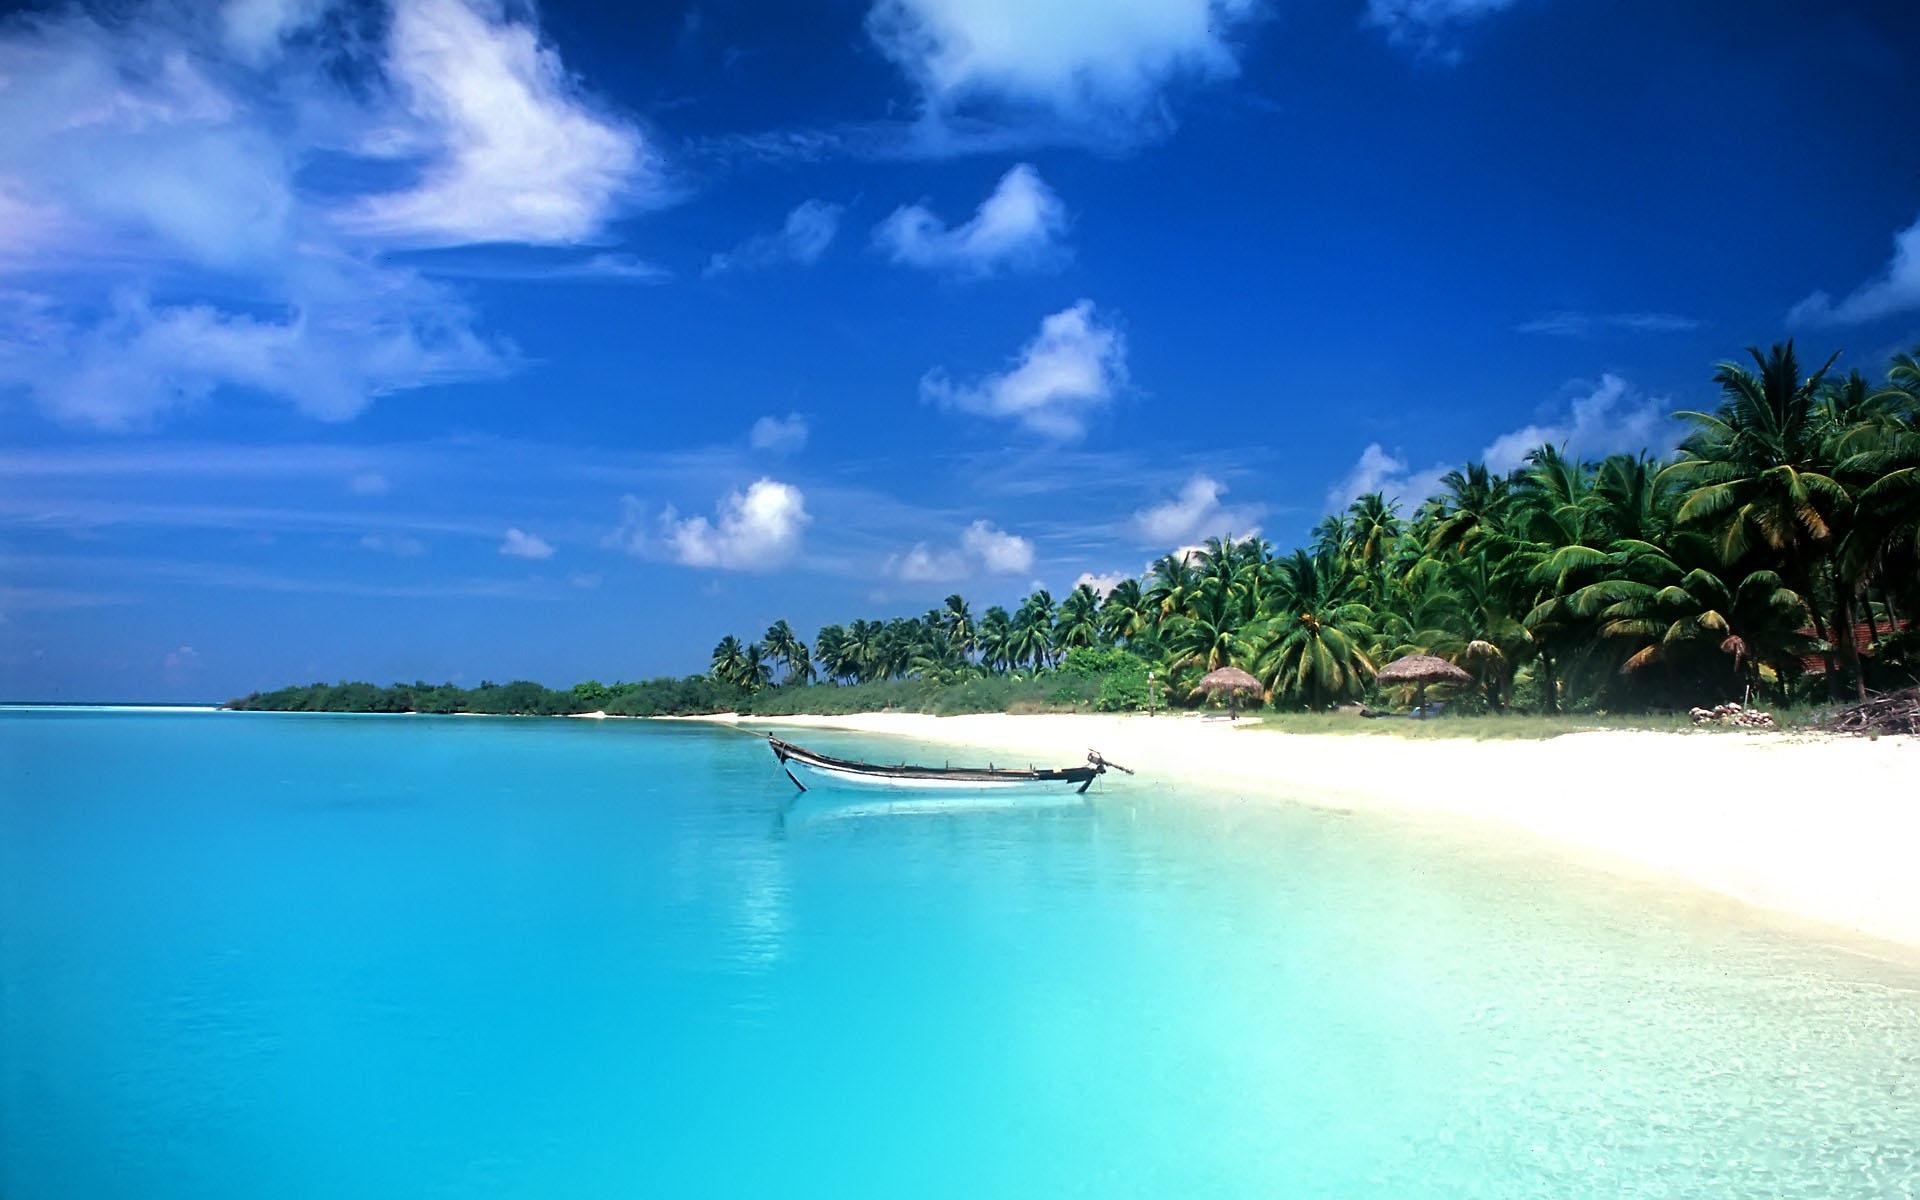 море, песок, пляж, фото, пальмы